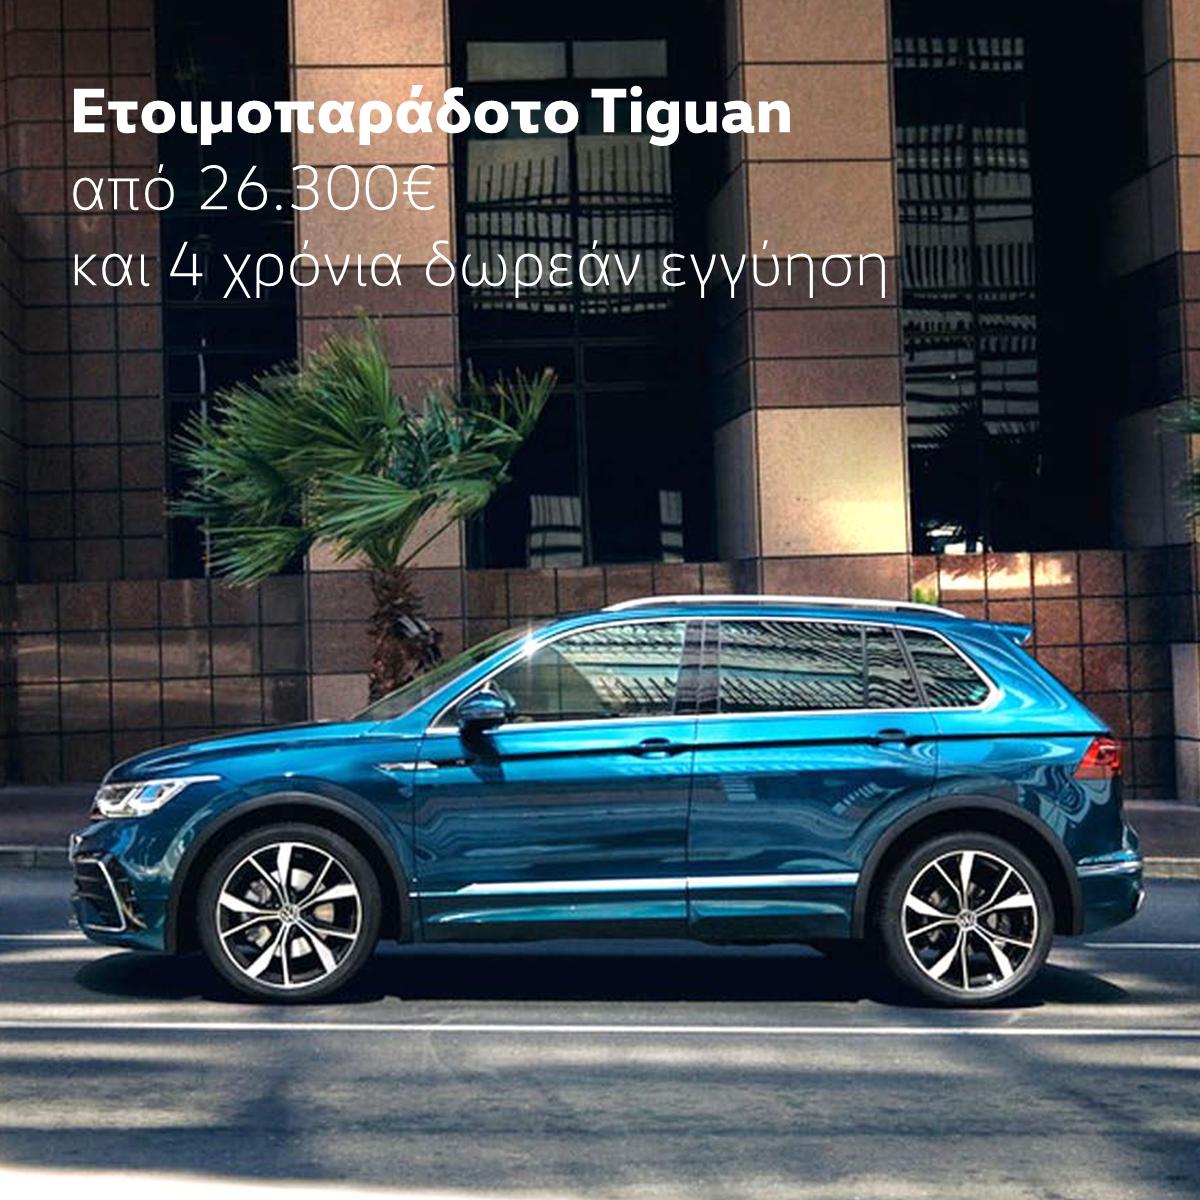 Νέα Προσφορά Volkswagen Tiguan Σεπτέμβριος 2021